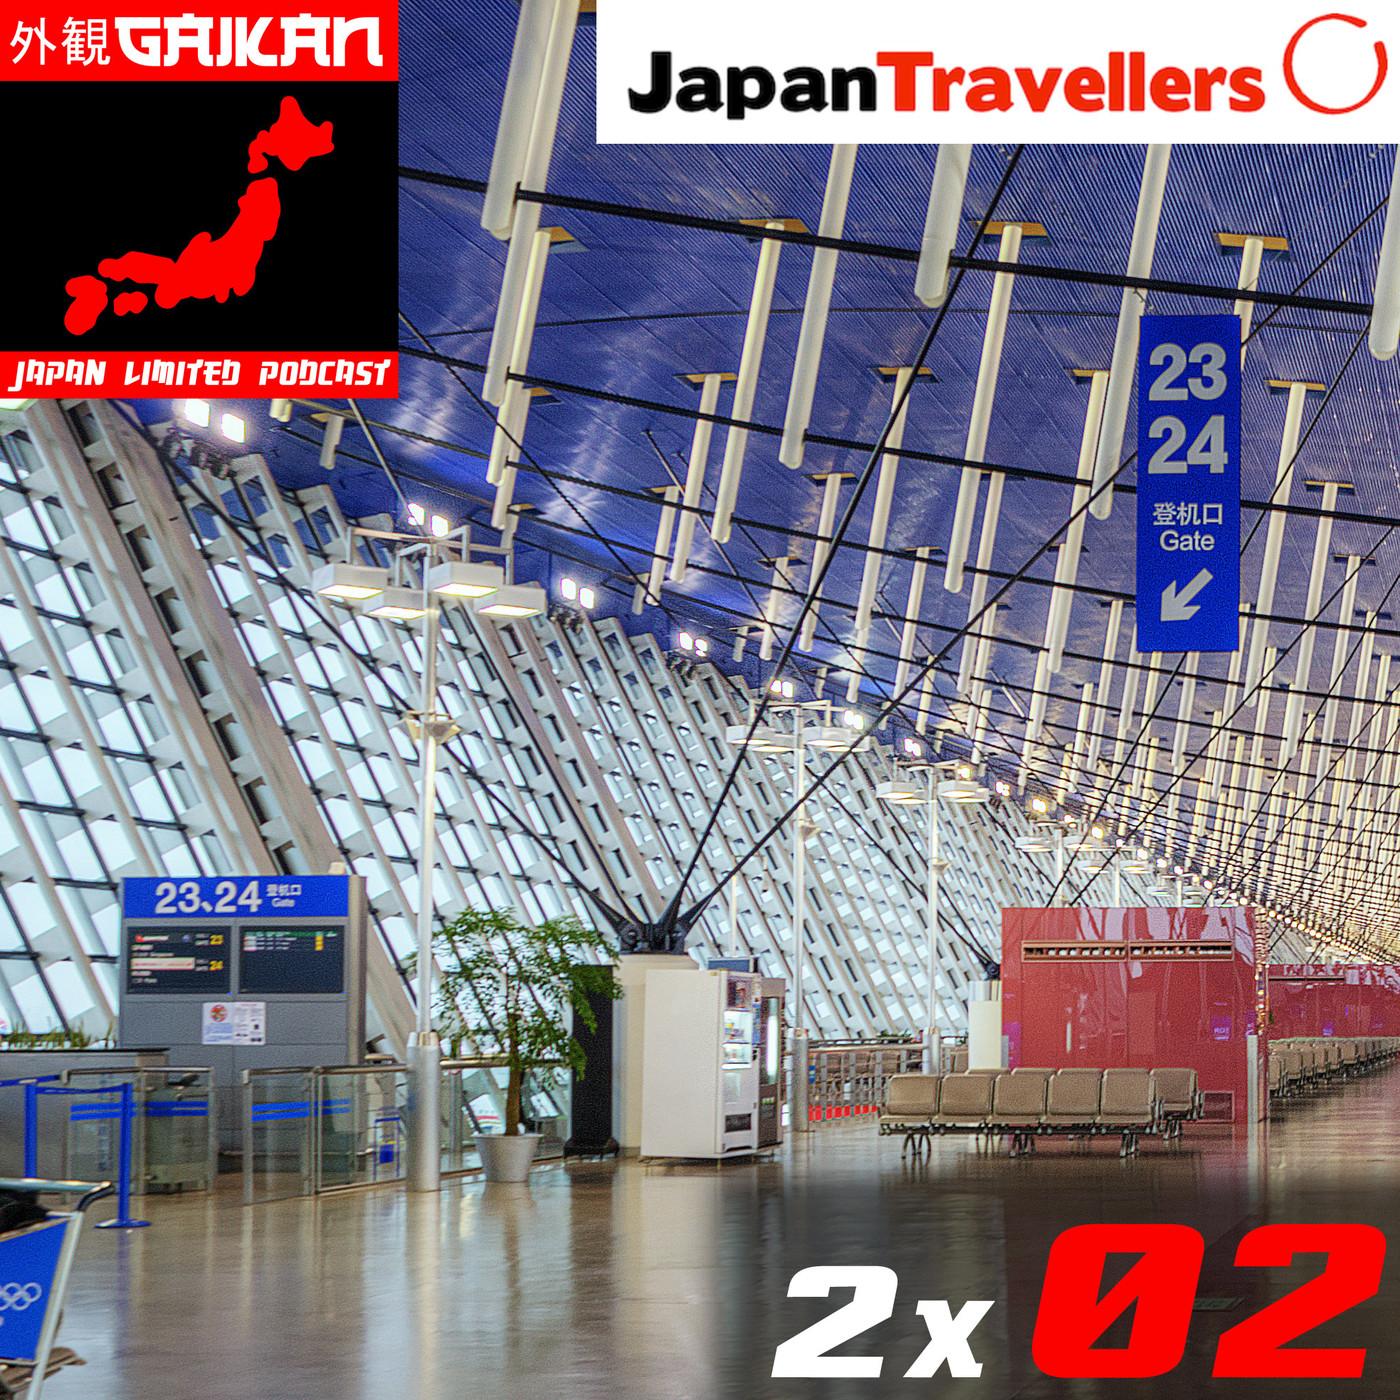 podcast sobre japon volar a osaka escala en china experiencias